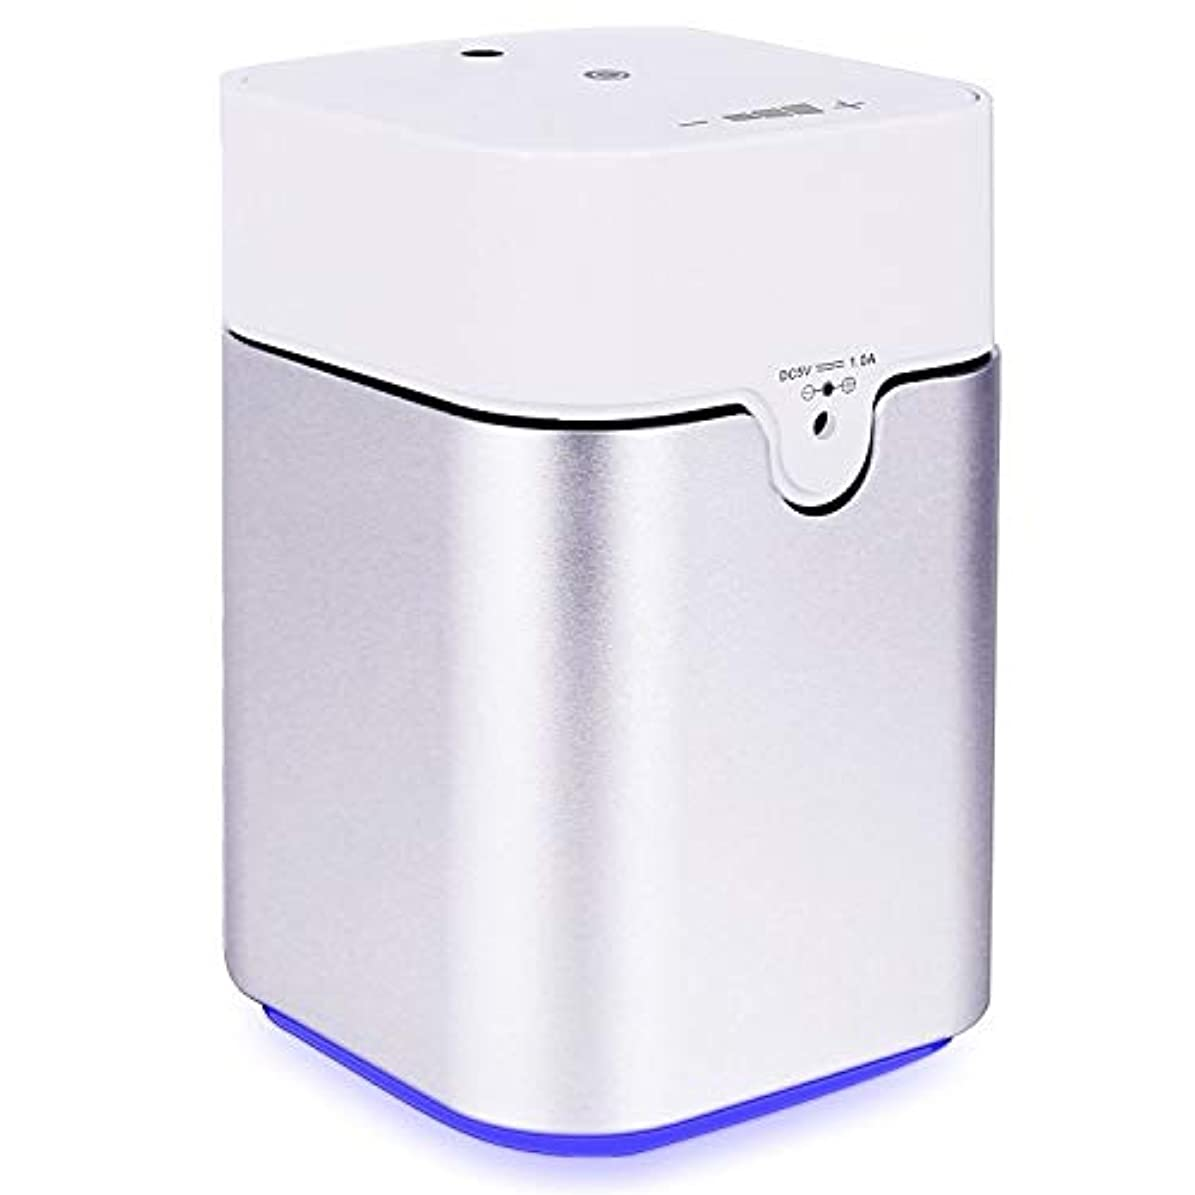 アセ知的倍率ENERG e's Pure アロマディフューザー ヨガ室 整体院人気 タイマー機能 ネブライザー式 量調整可能 精油瓶3個付き T11-ENS082